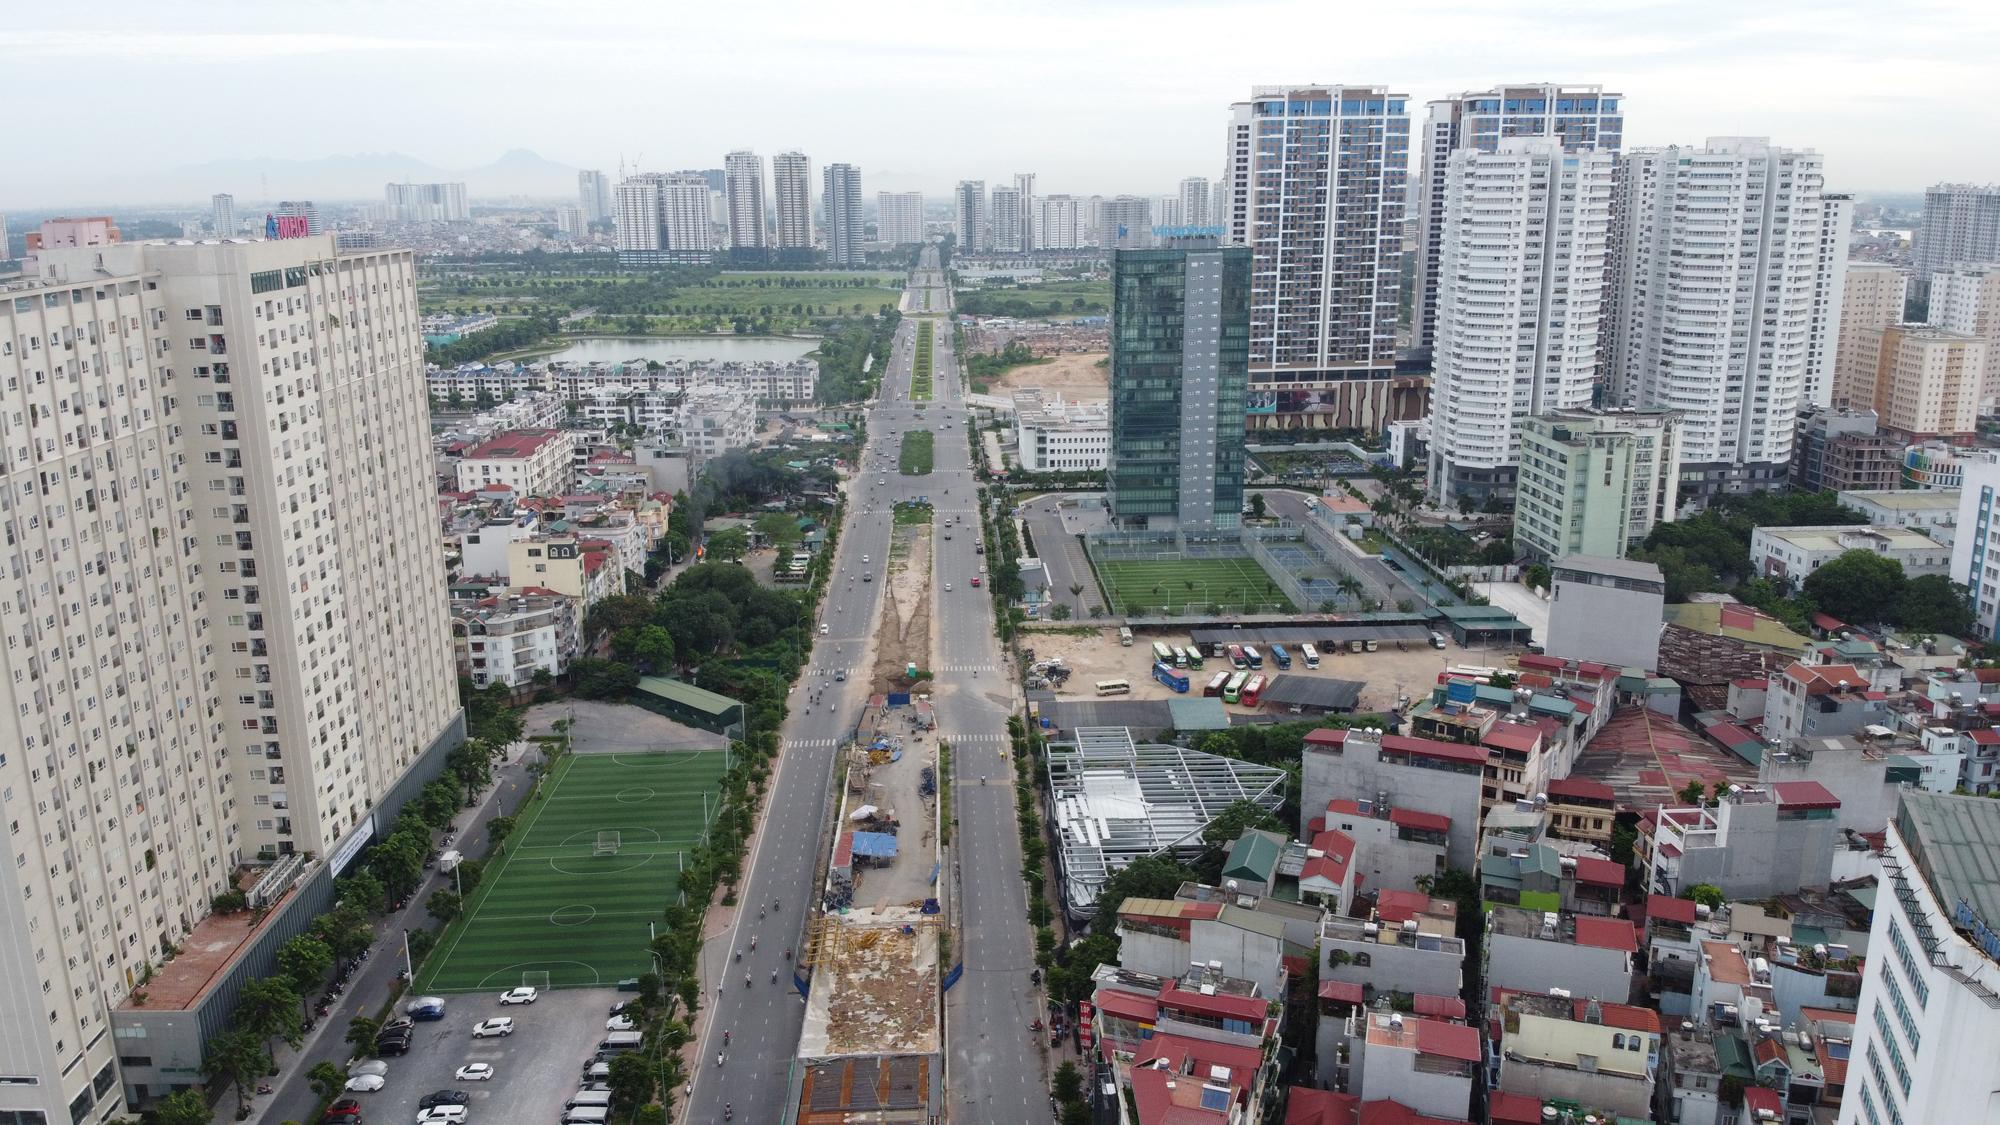 Cầu vượt nút giao Hoàng Quốc Việt - Nguyễn Văn Huyên sắp thông xe, ba quận hưởng lợi - Ảnh 6.